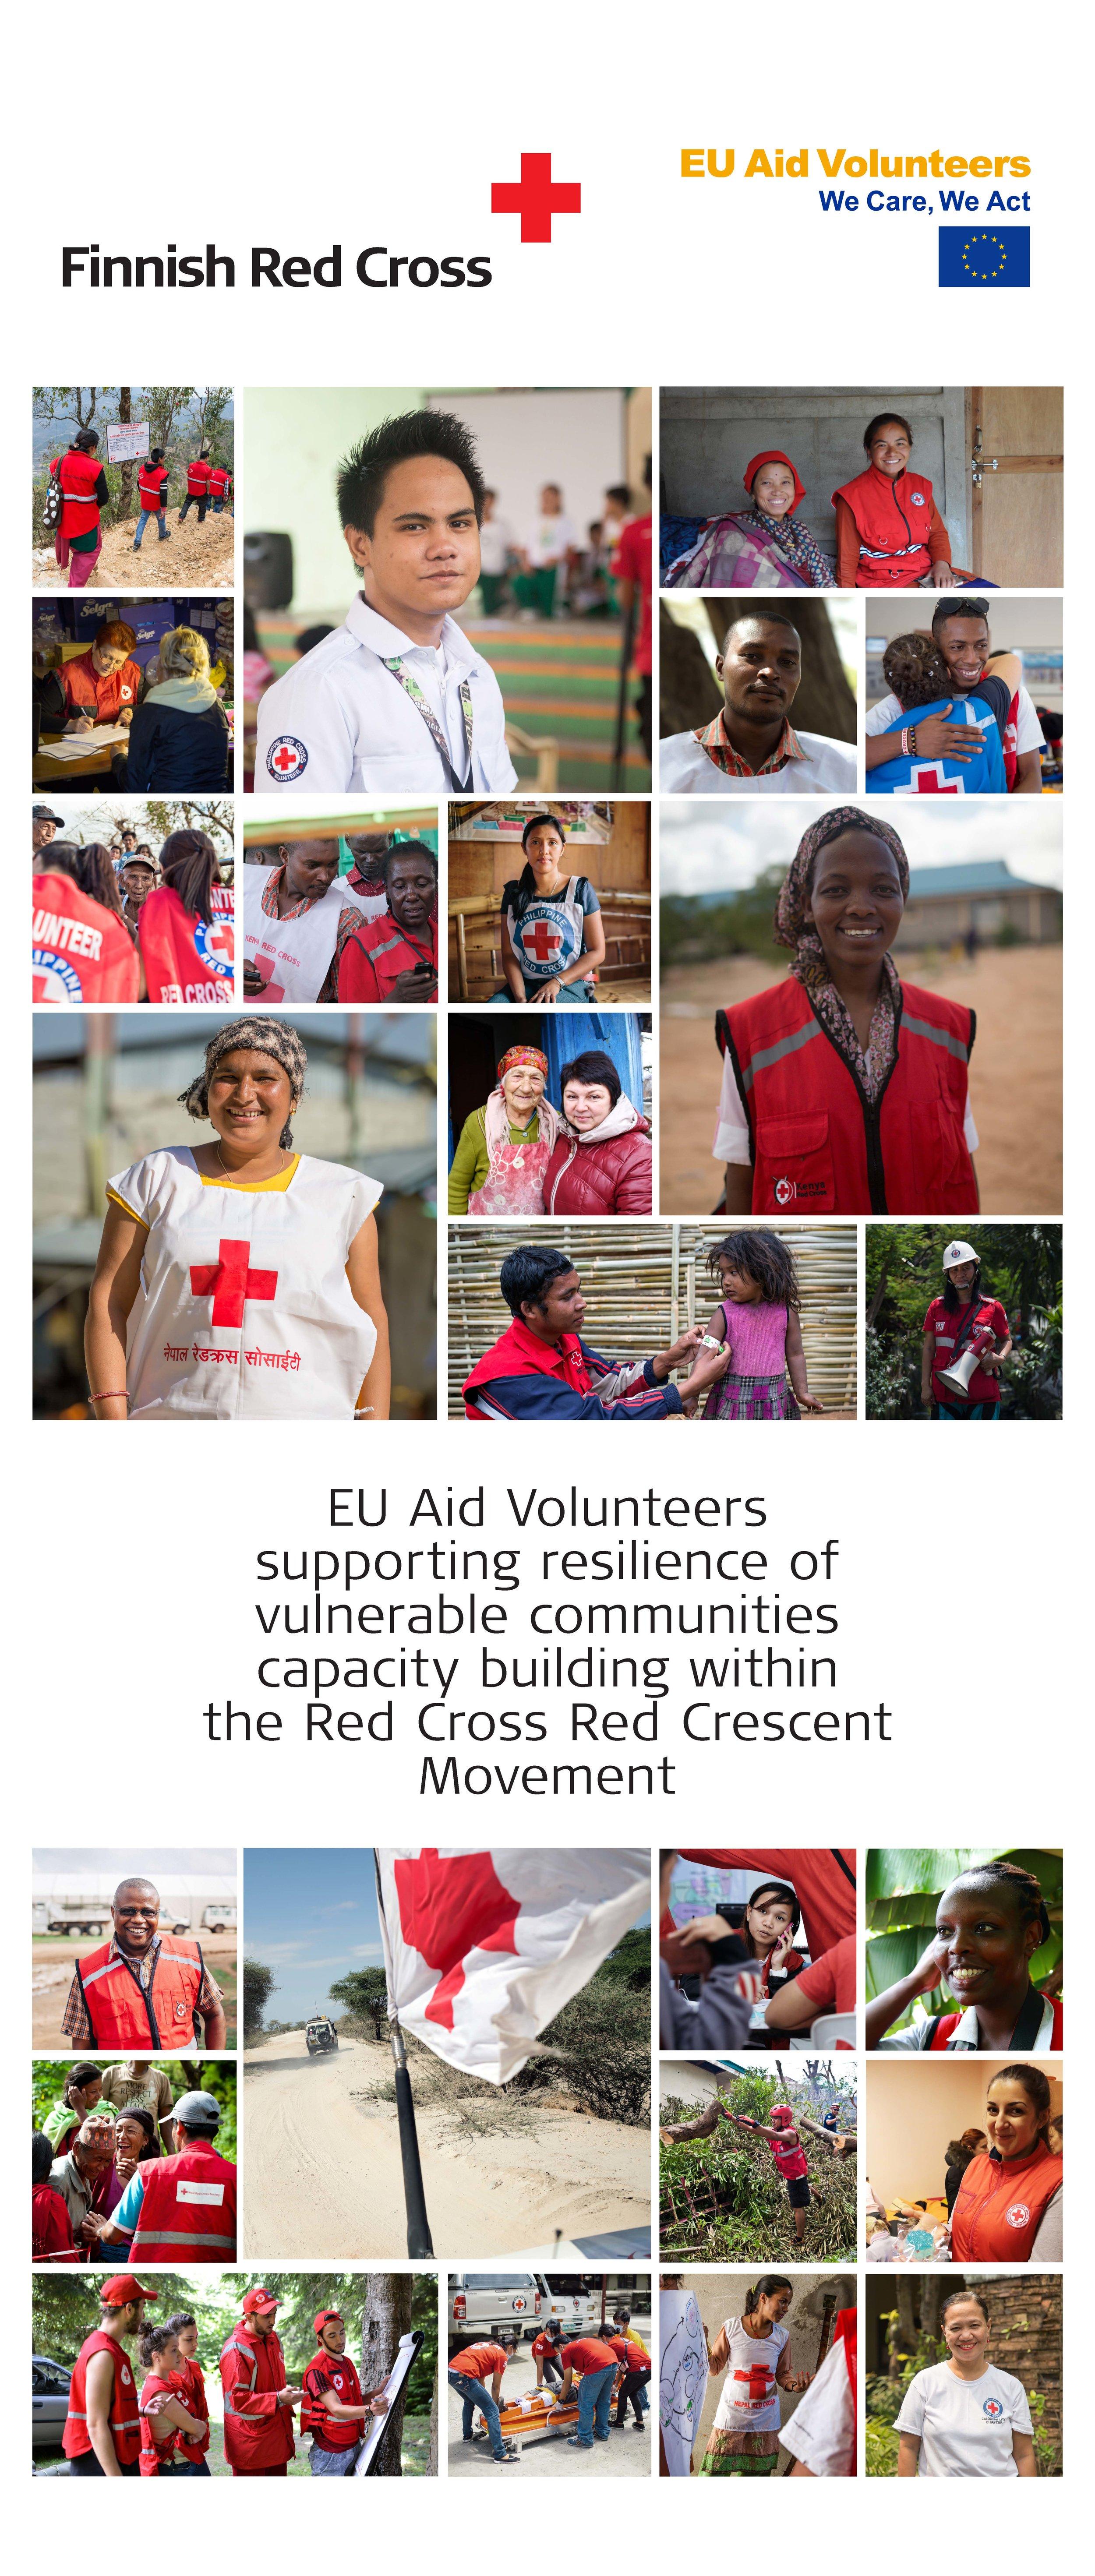 EU AId Volunteers_850x2000mm.jpg